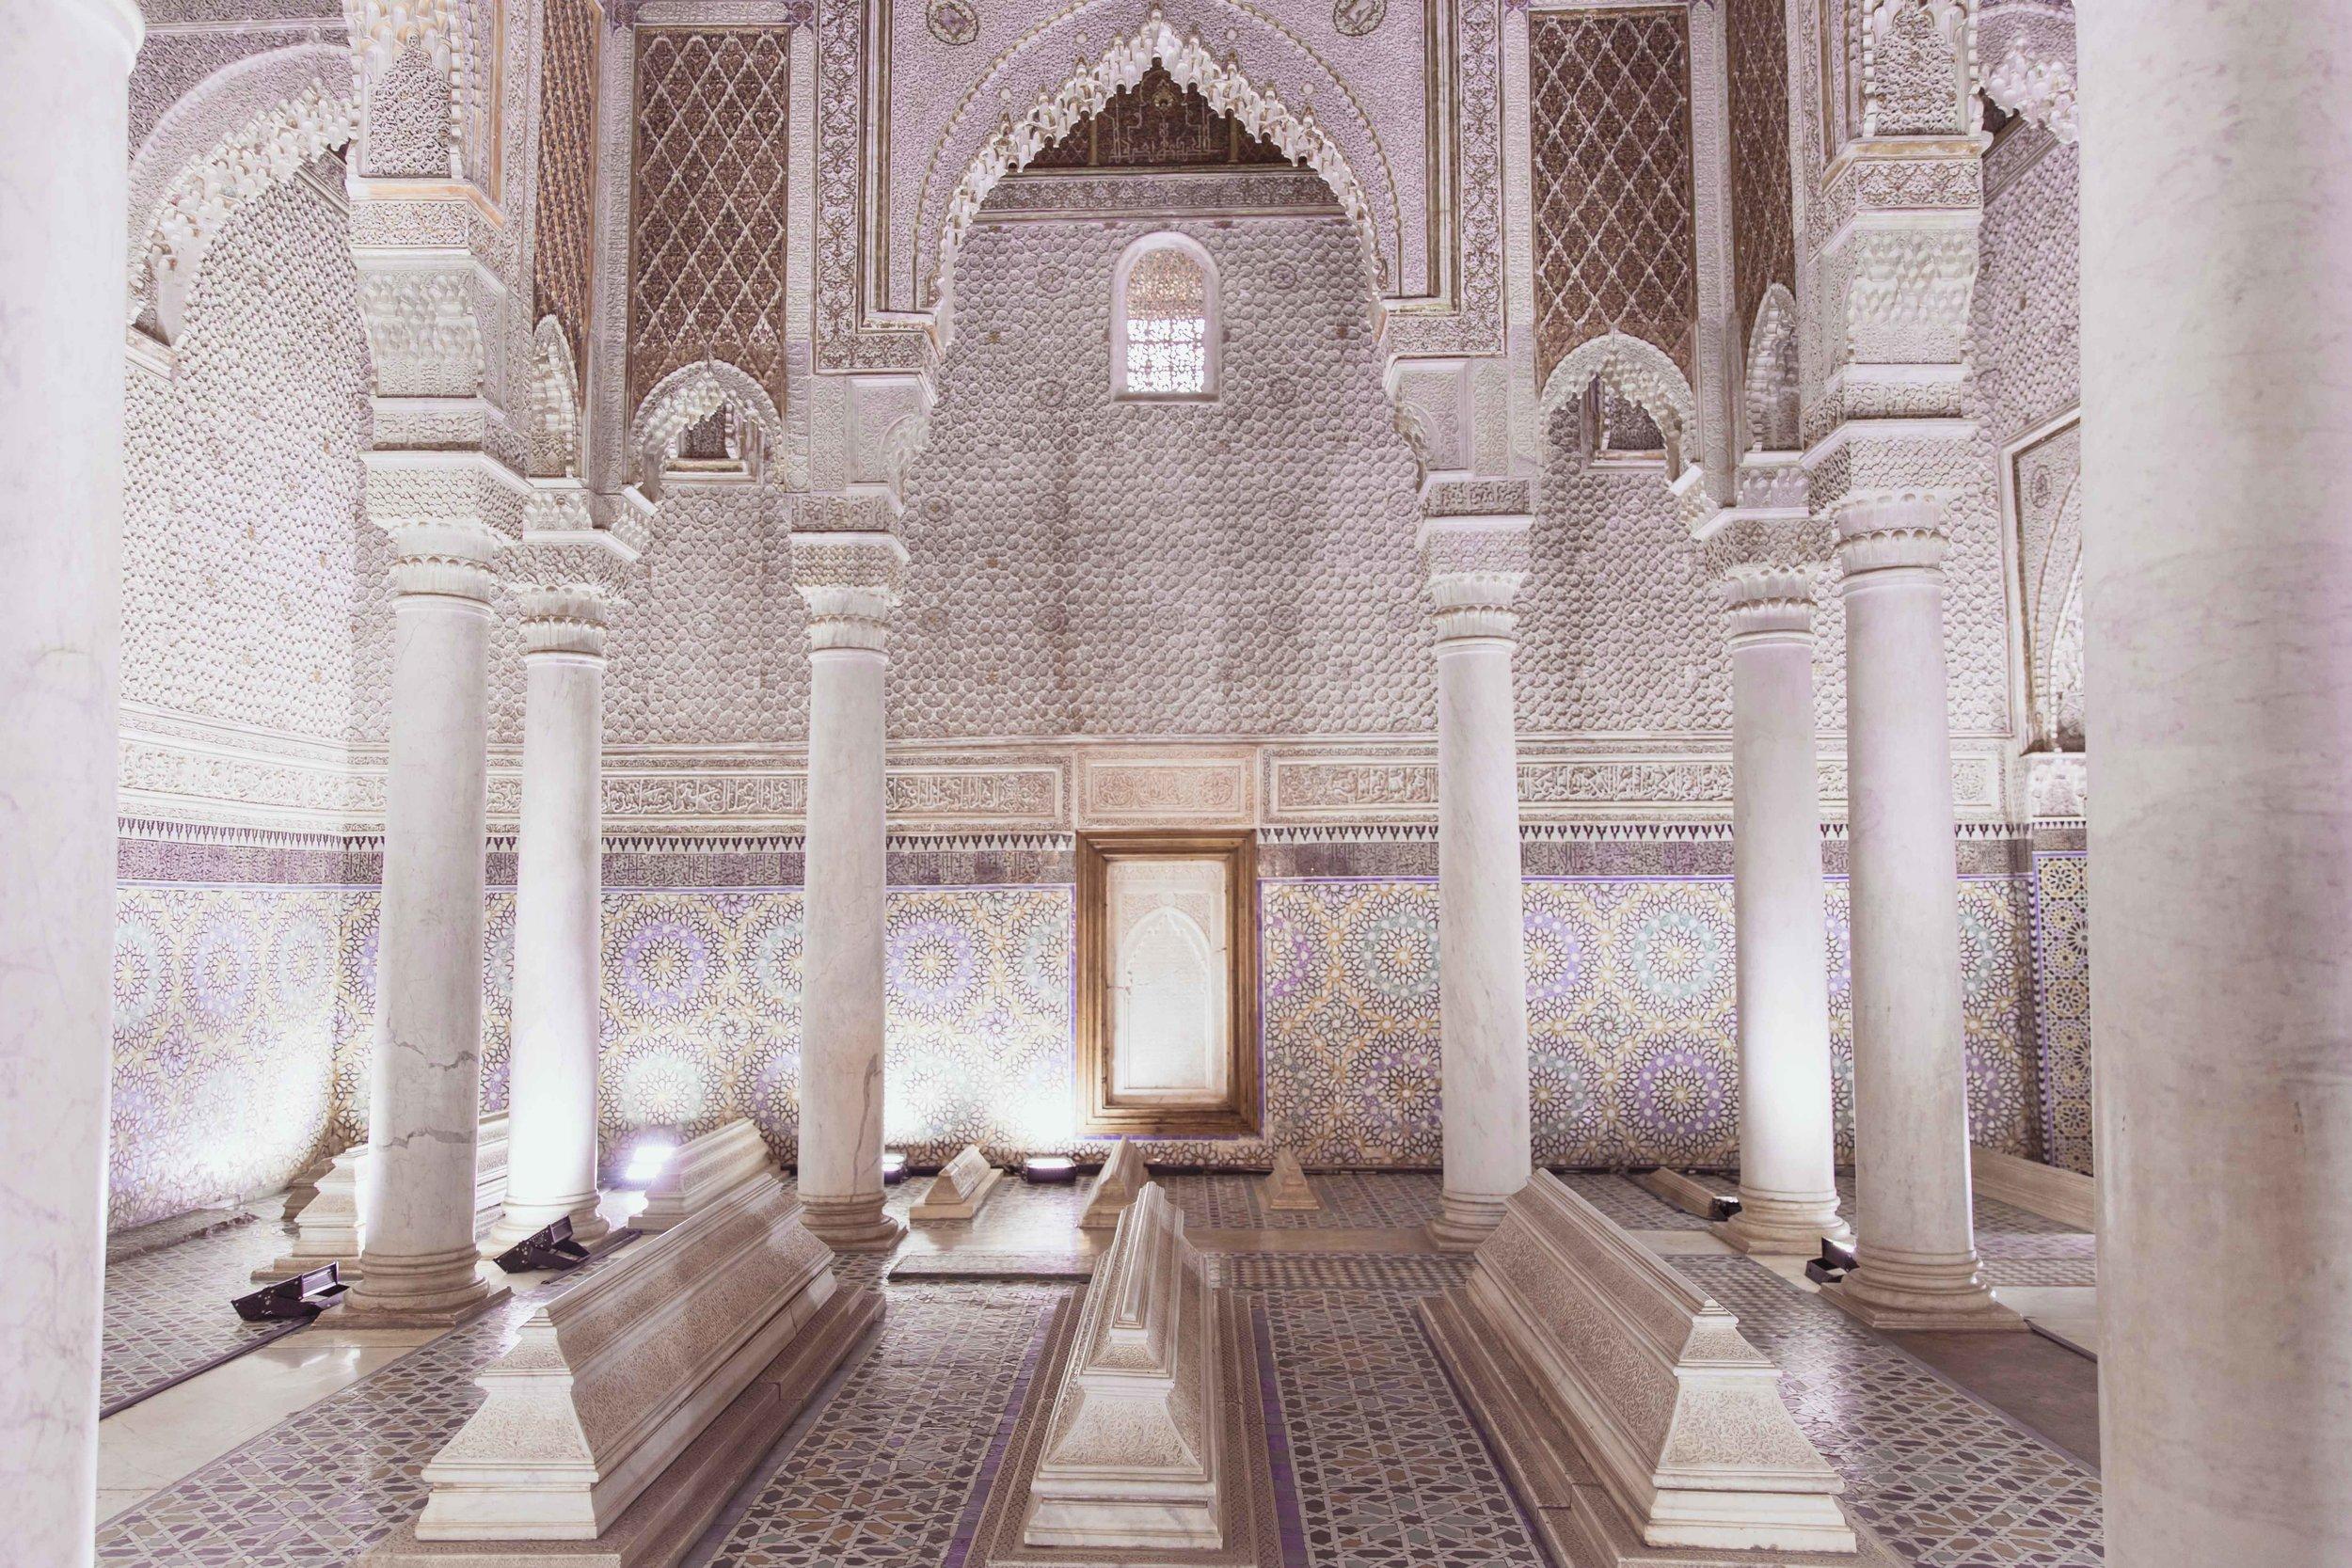 marrakech_march_2019-37.jpg